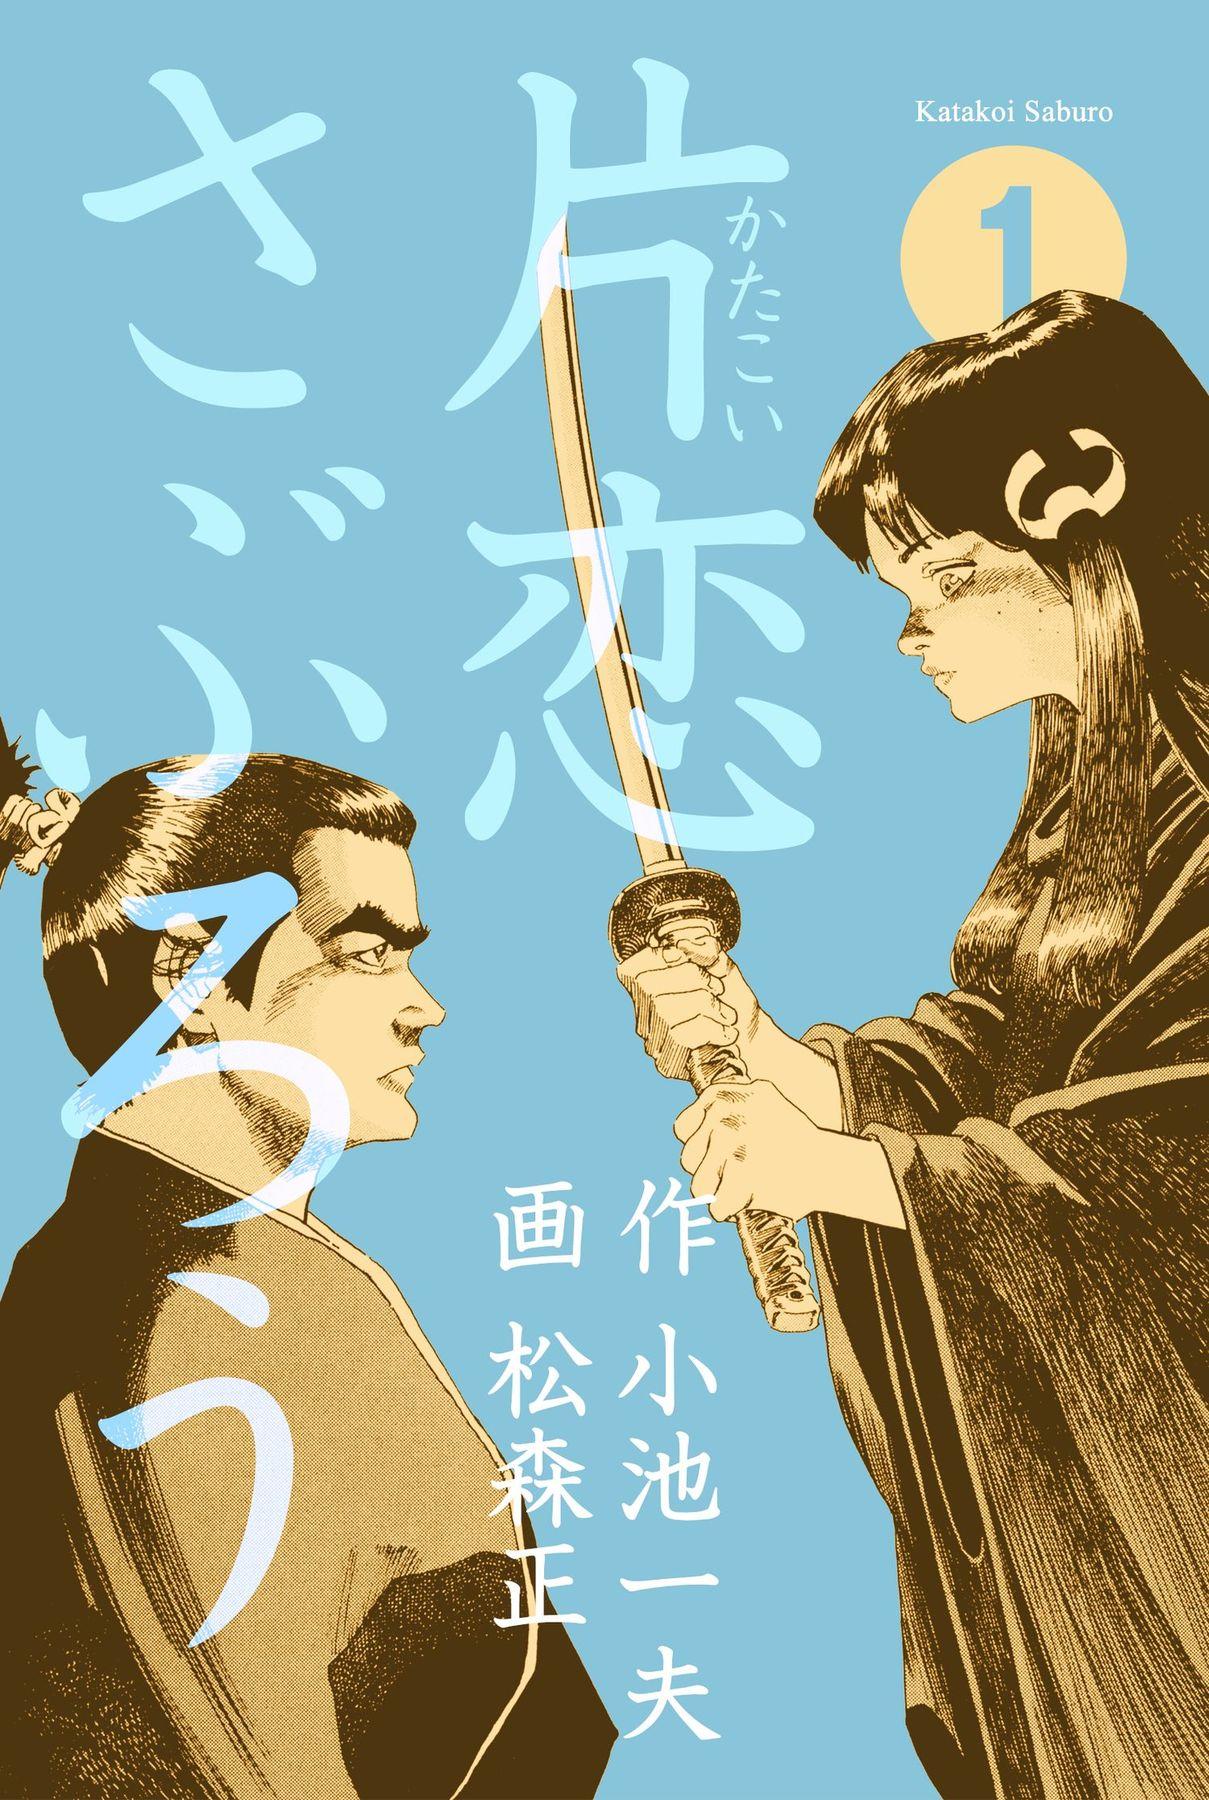 片恋さぶろう(第1巻)